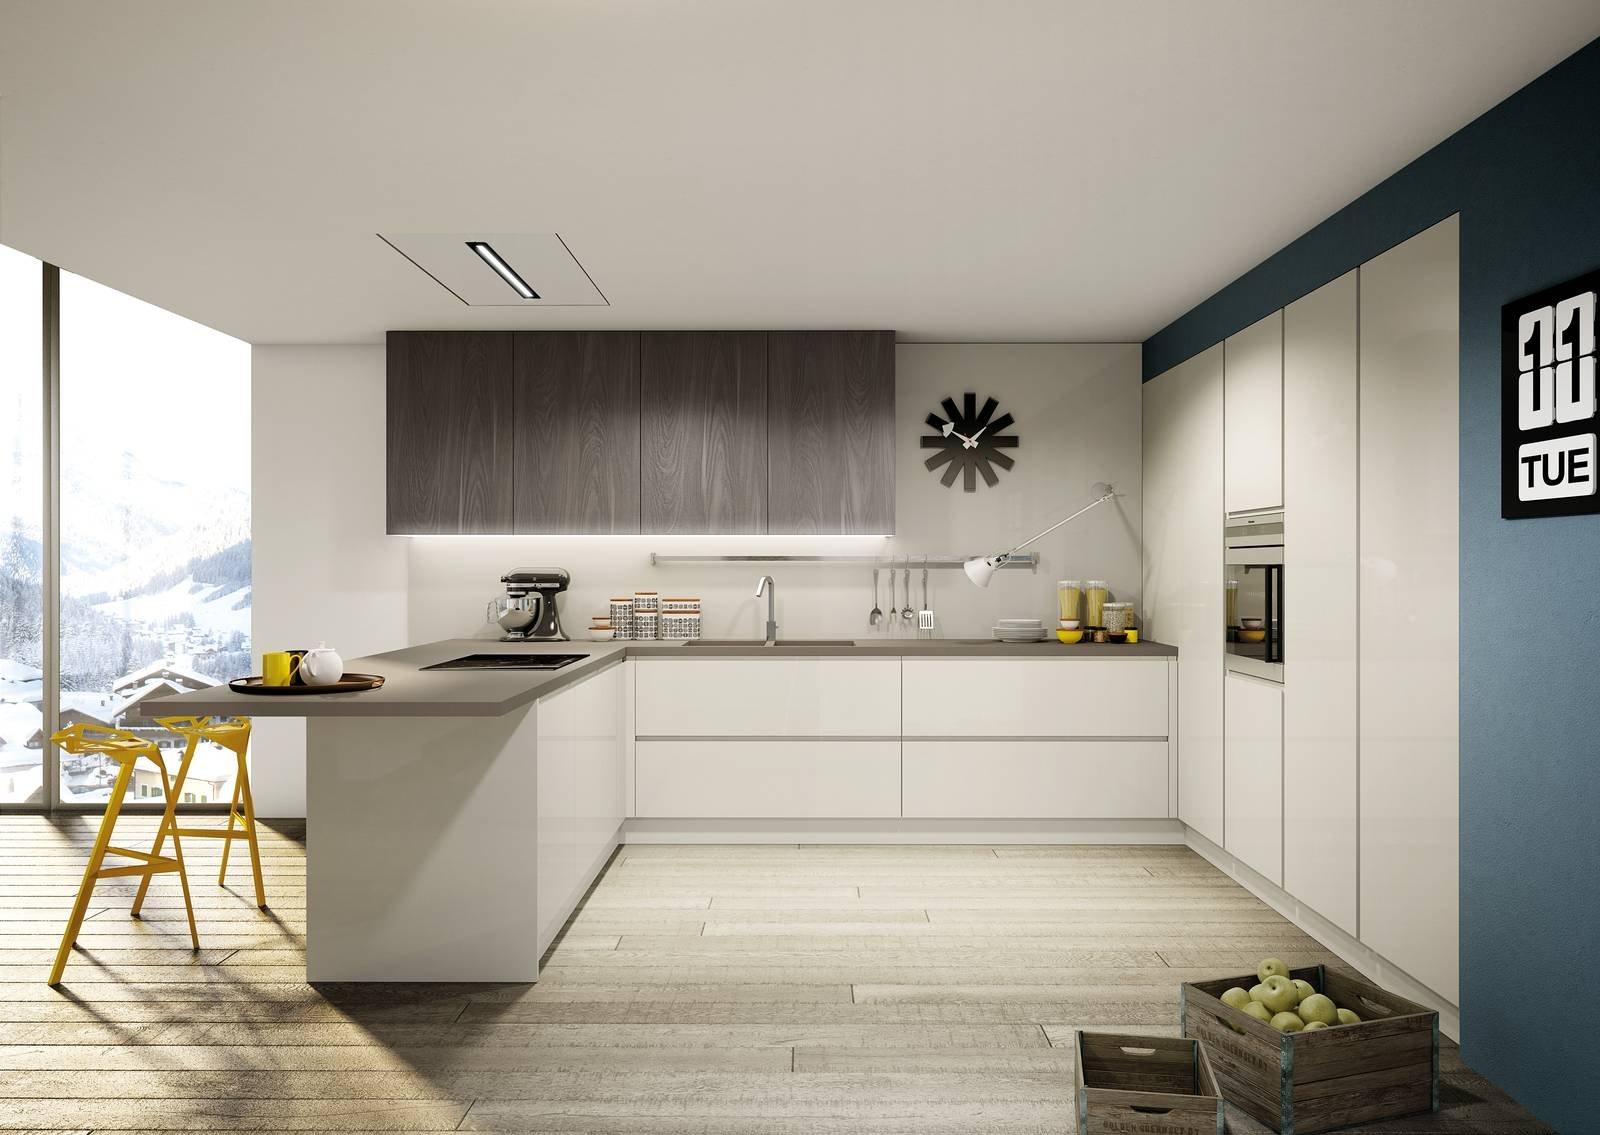 La cucina a U: raccolta, ergonomica, funzionale - Cose di Casa